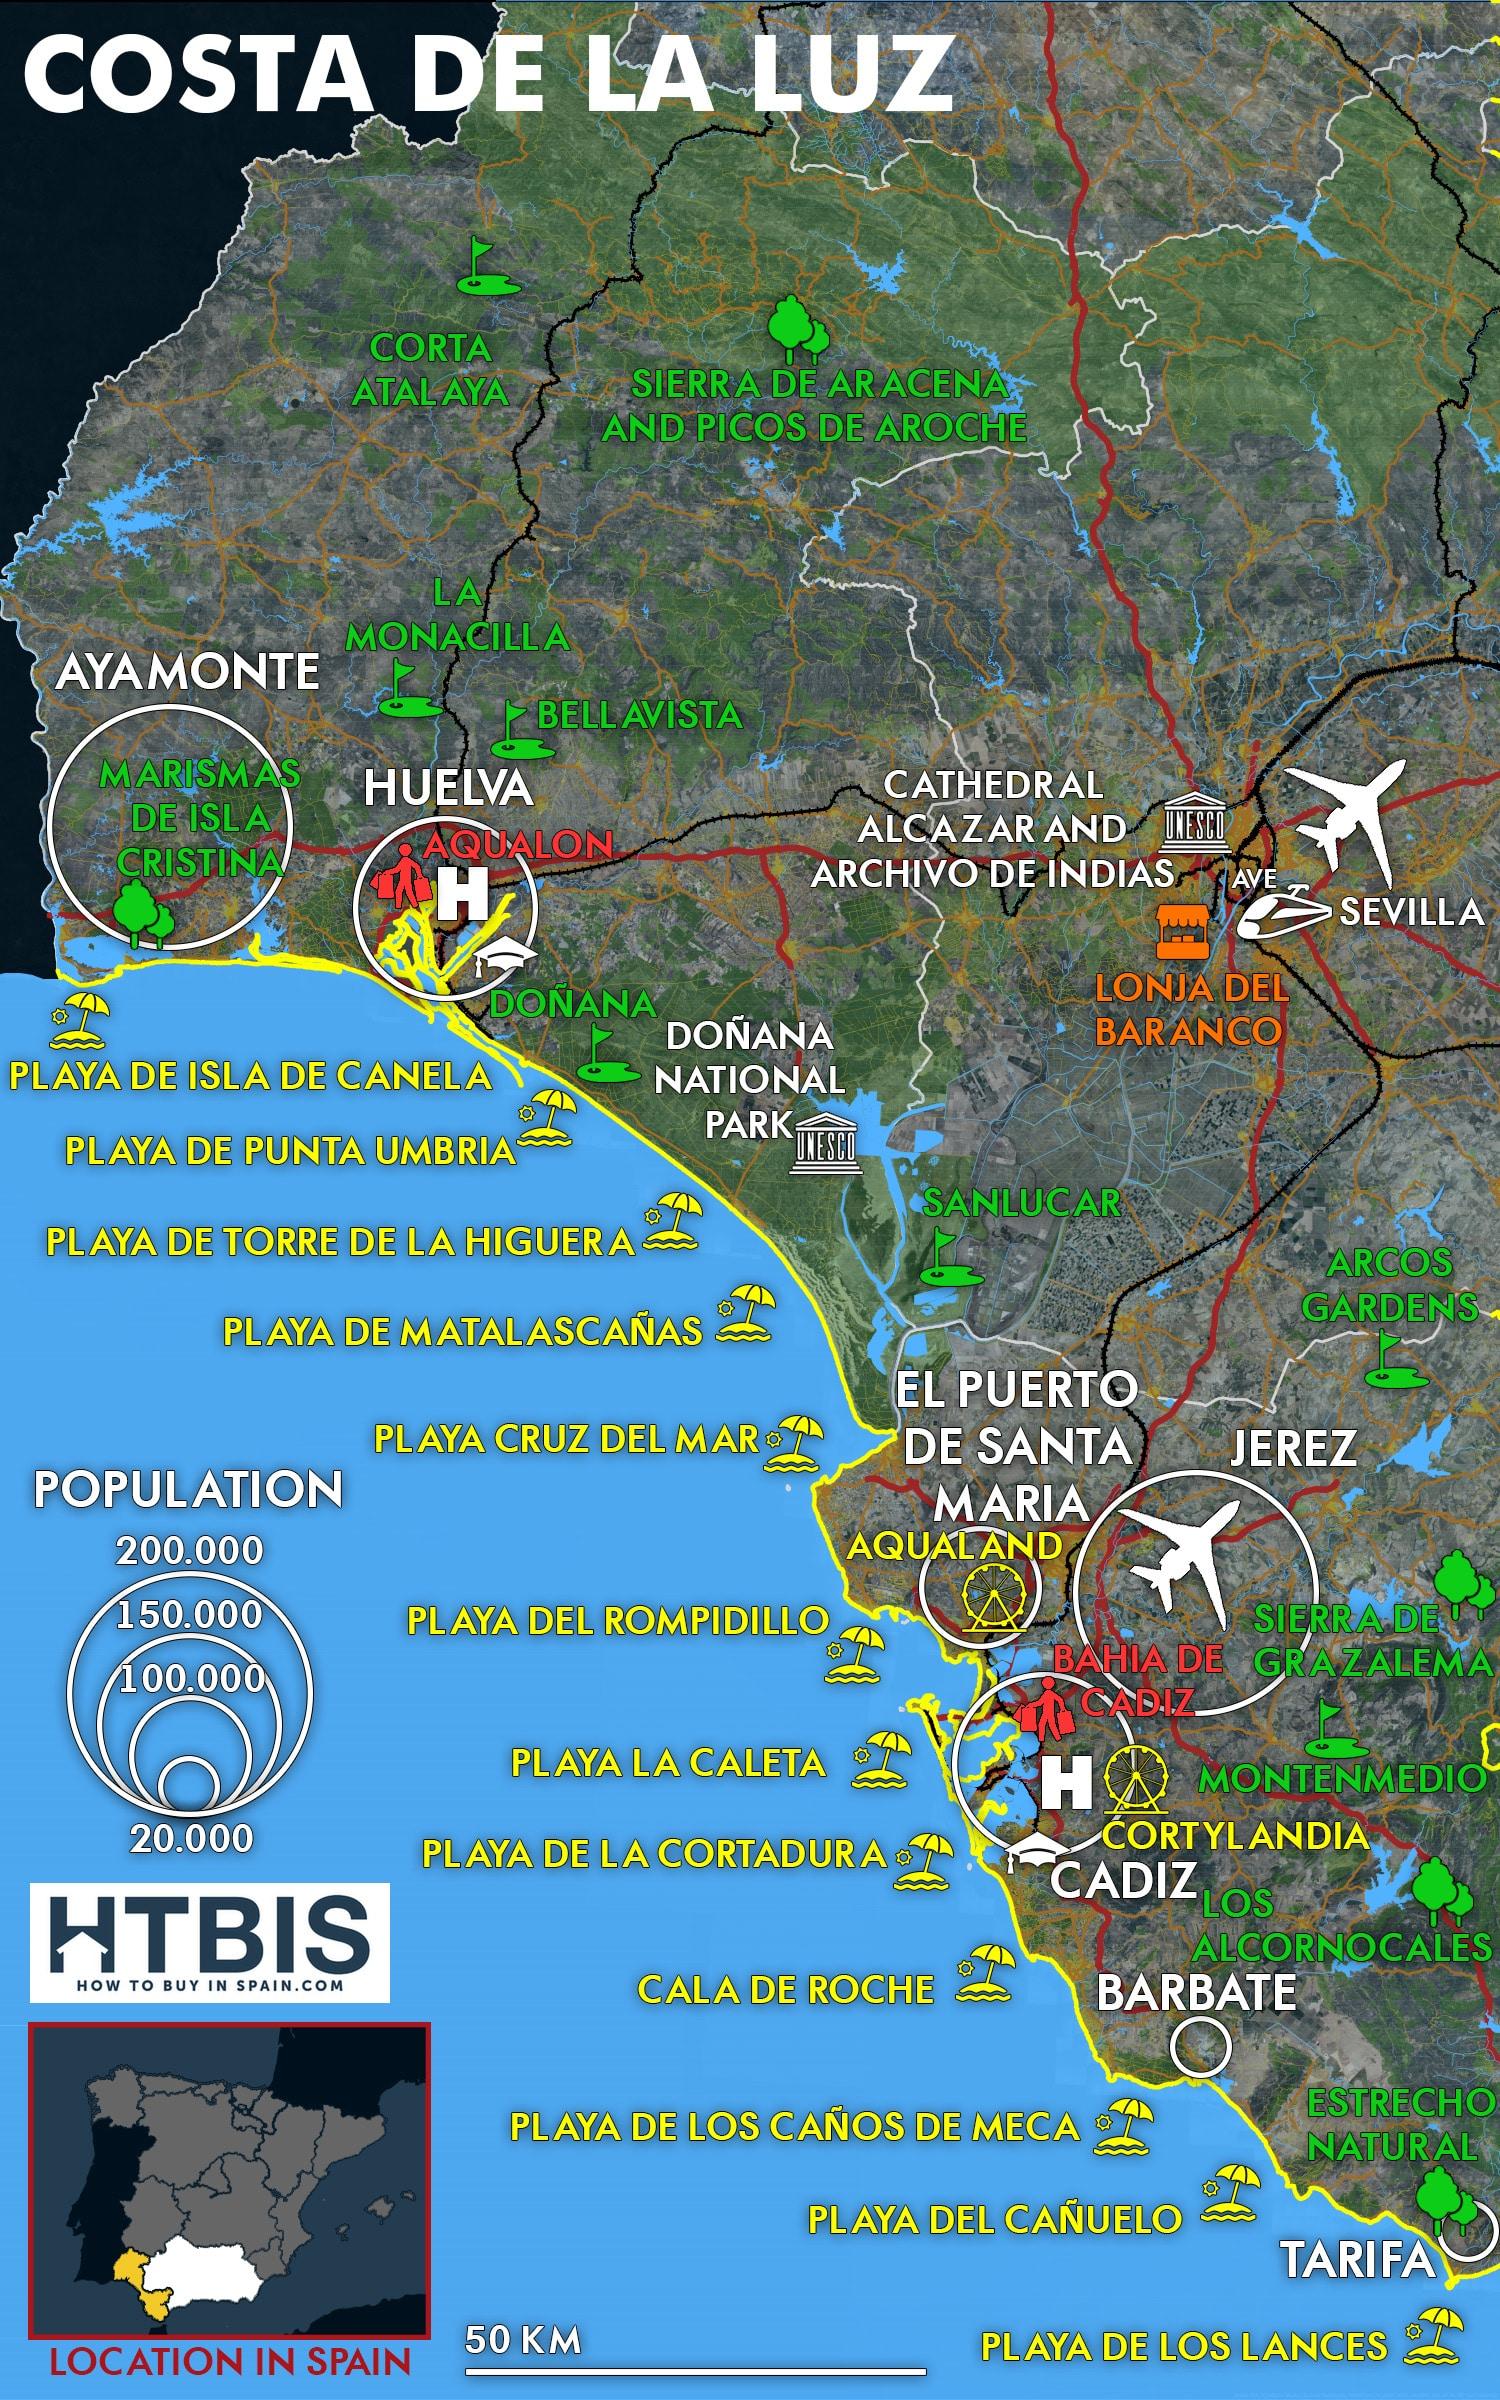 Map Of Spain Cadiz.Costa De La Luz Map How To Buy In Spain